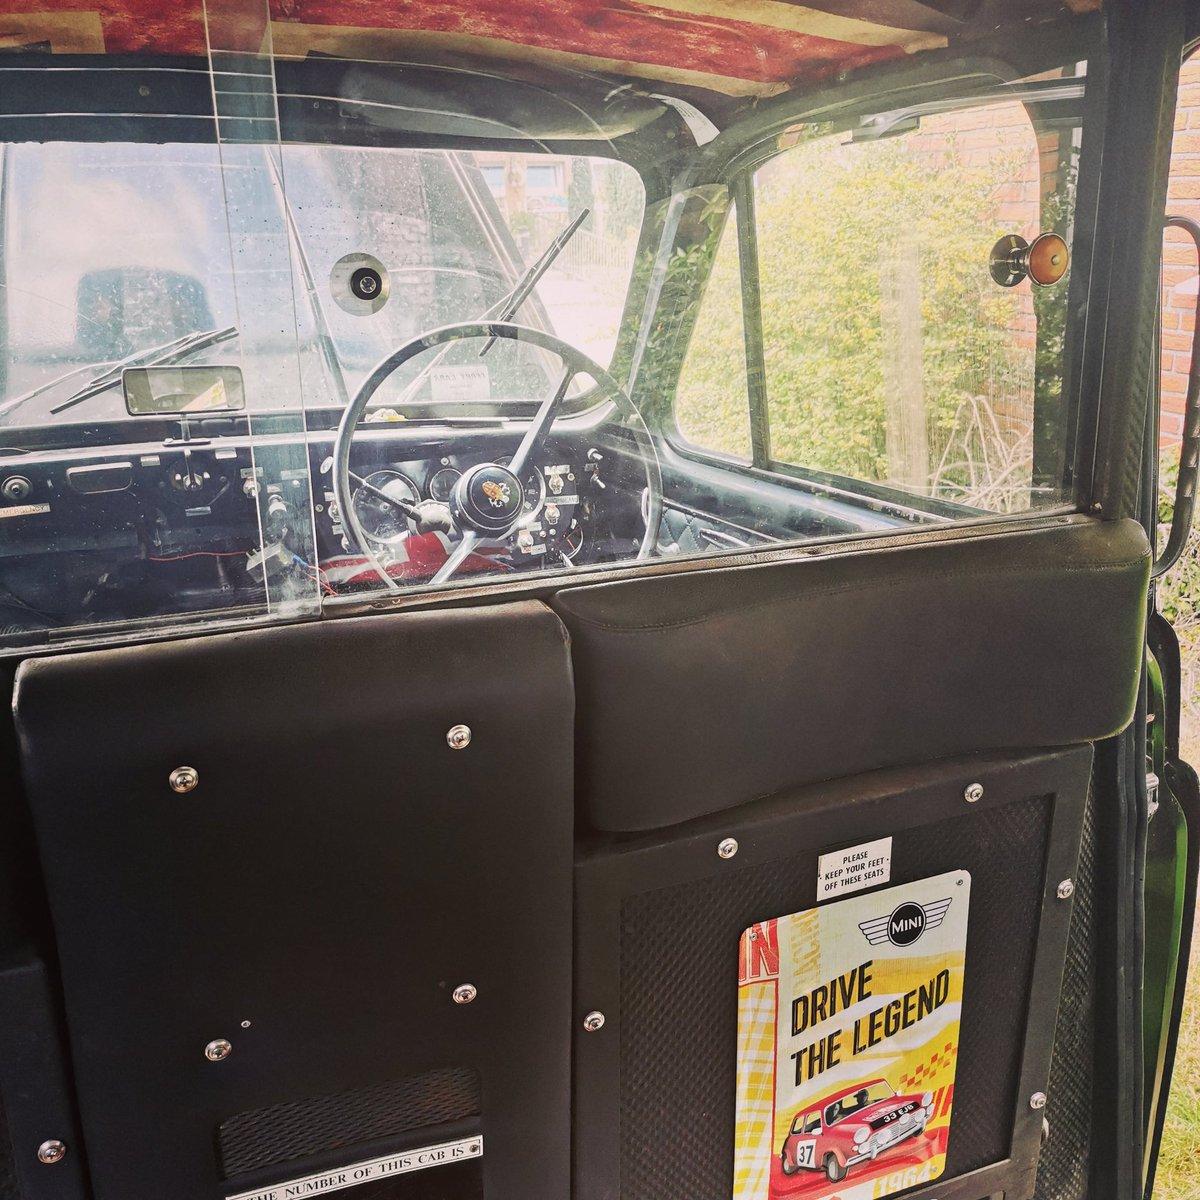 Ein Blick von innen auf die Fahrerkabine... Euer Platz für Eure Fotos 📸  #weeding #hochzeitsplanung #hochzeit #heiratenhamburg #photobooth #photoboothwedding #photobox #photoboothfun #hamburg #eventcar #hochzeitsauto #schleswigholstein #mecklenburgvorpommern https://t.co/sFOELD62jy